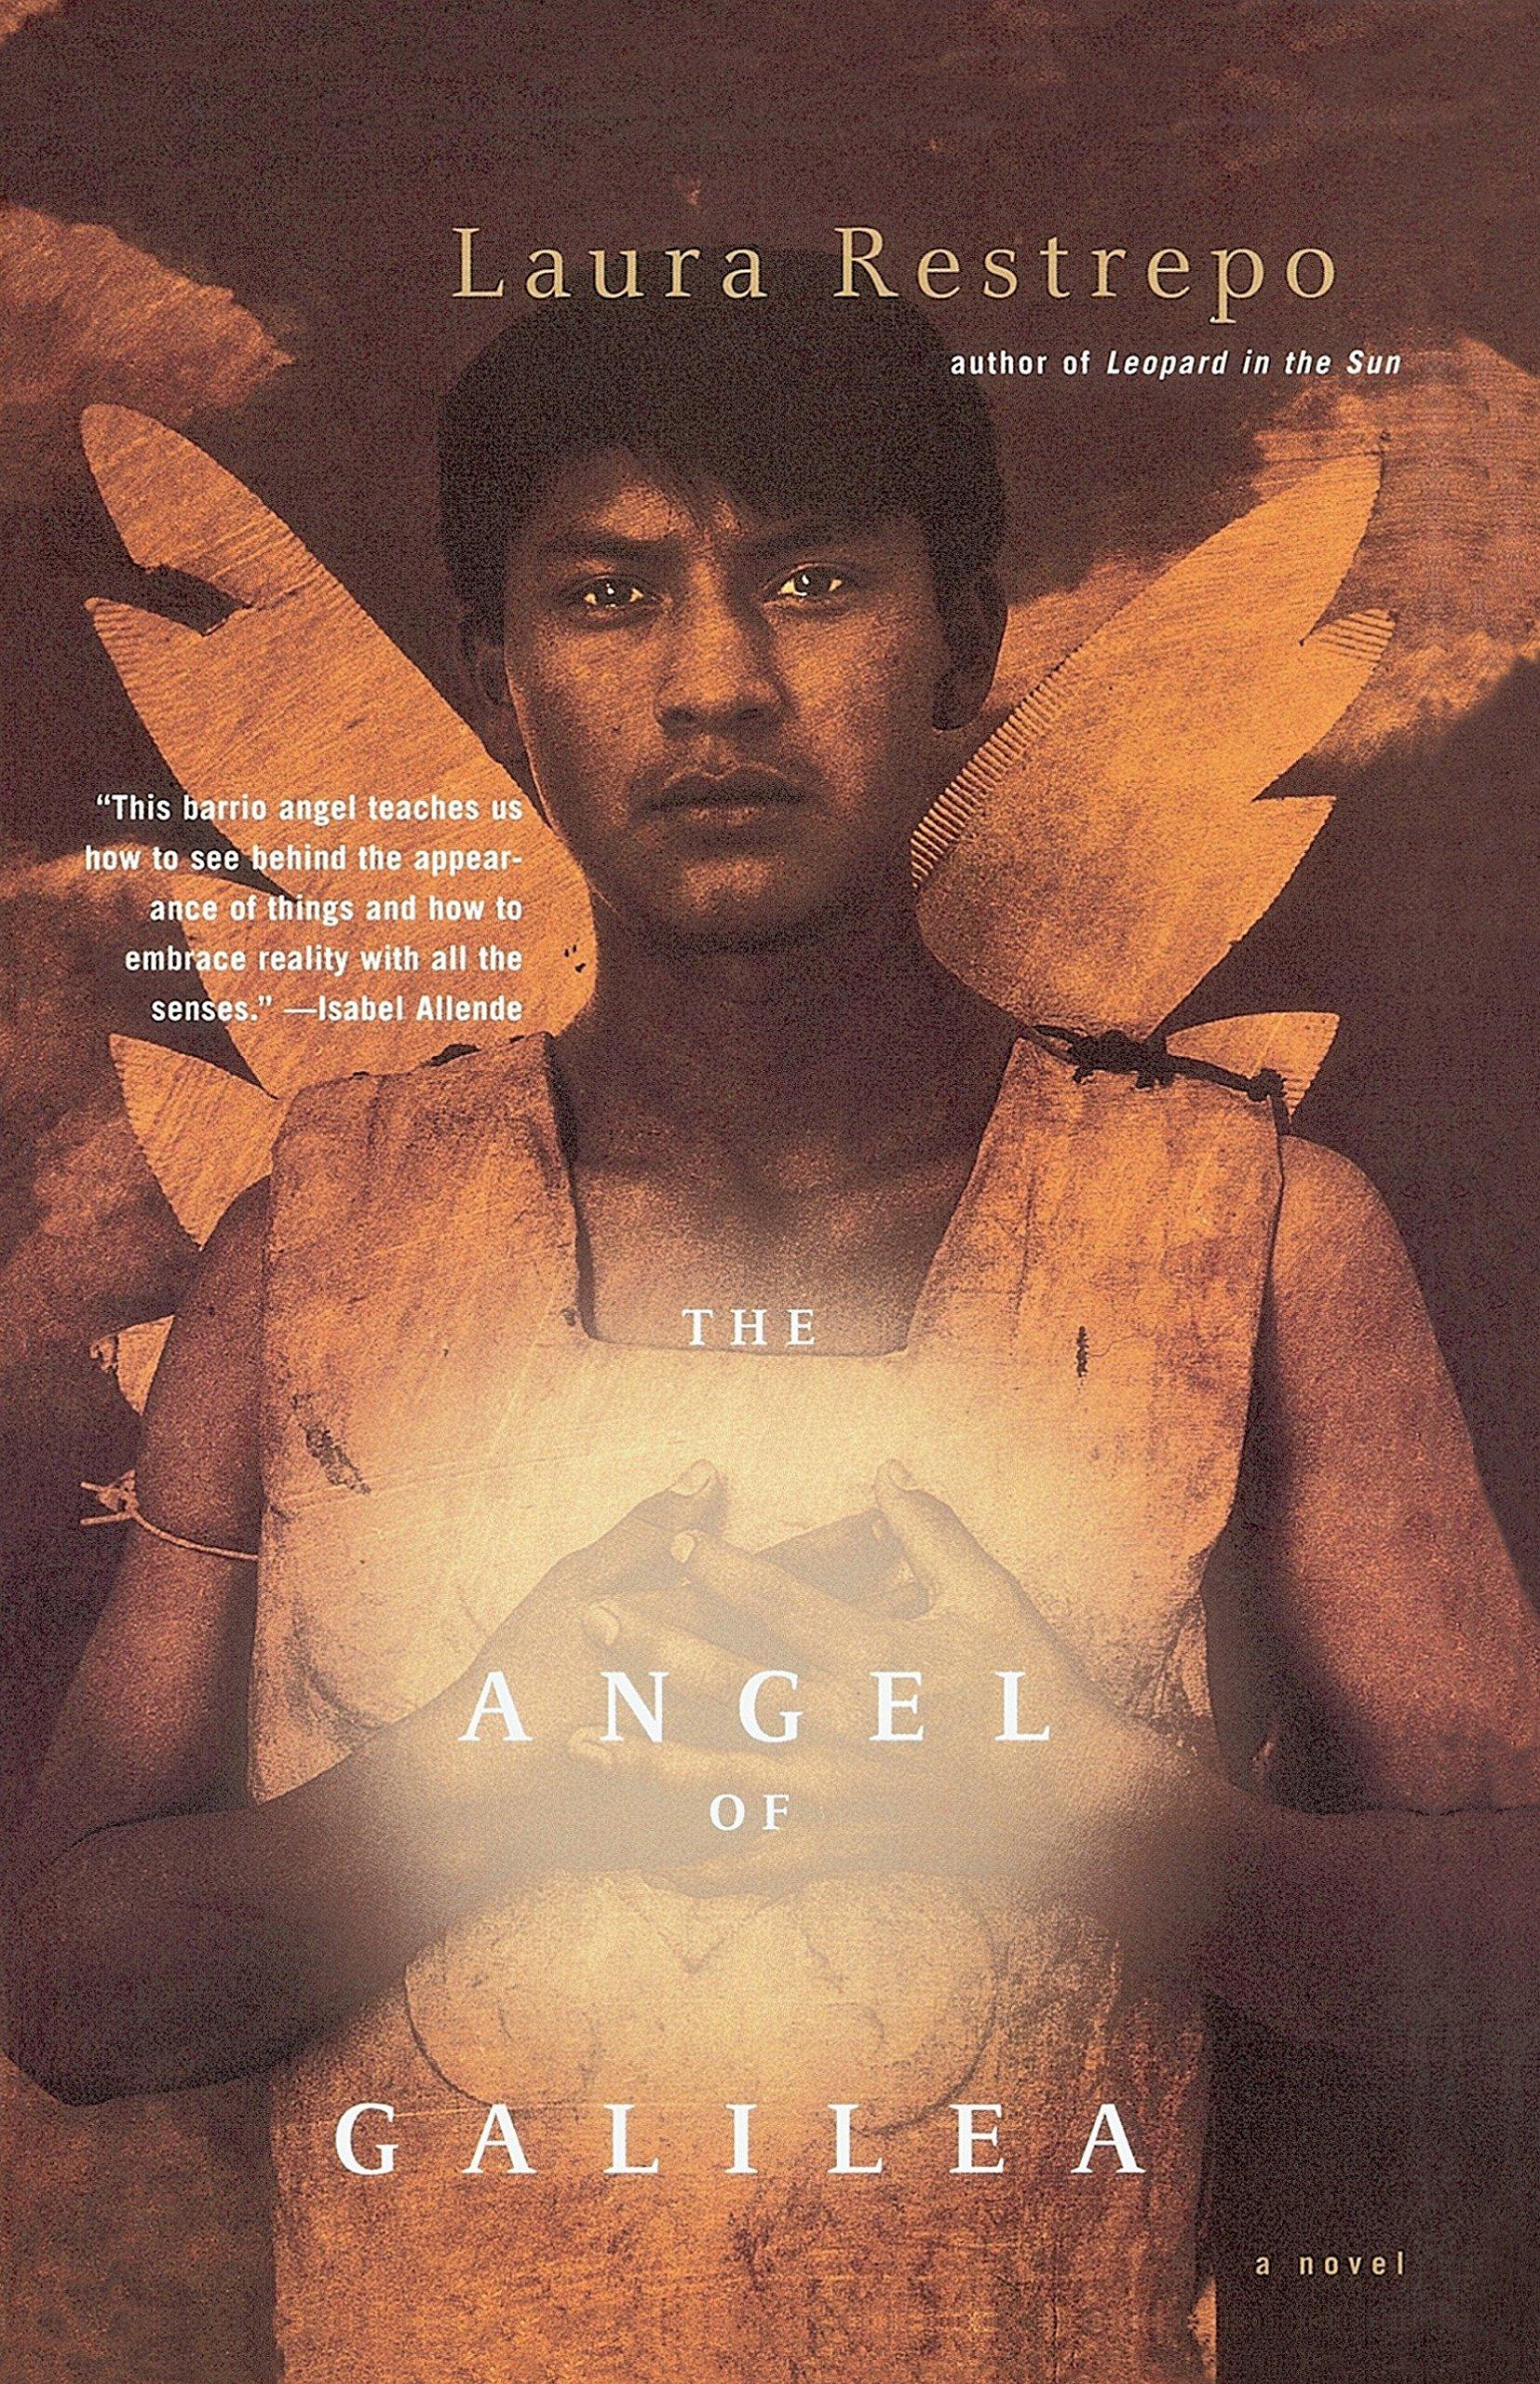 The Angel of Galilea (Vintage International): Amazon.es: Laura Restrepo: Libros en idiomas extranjeros